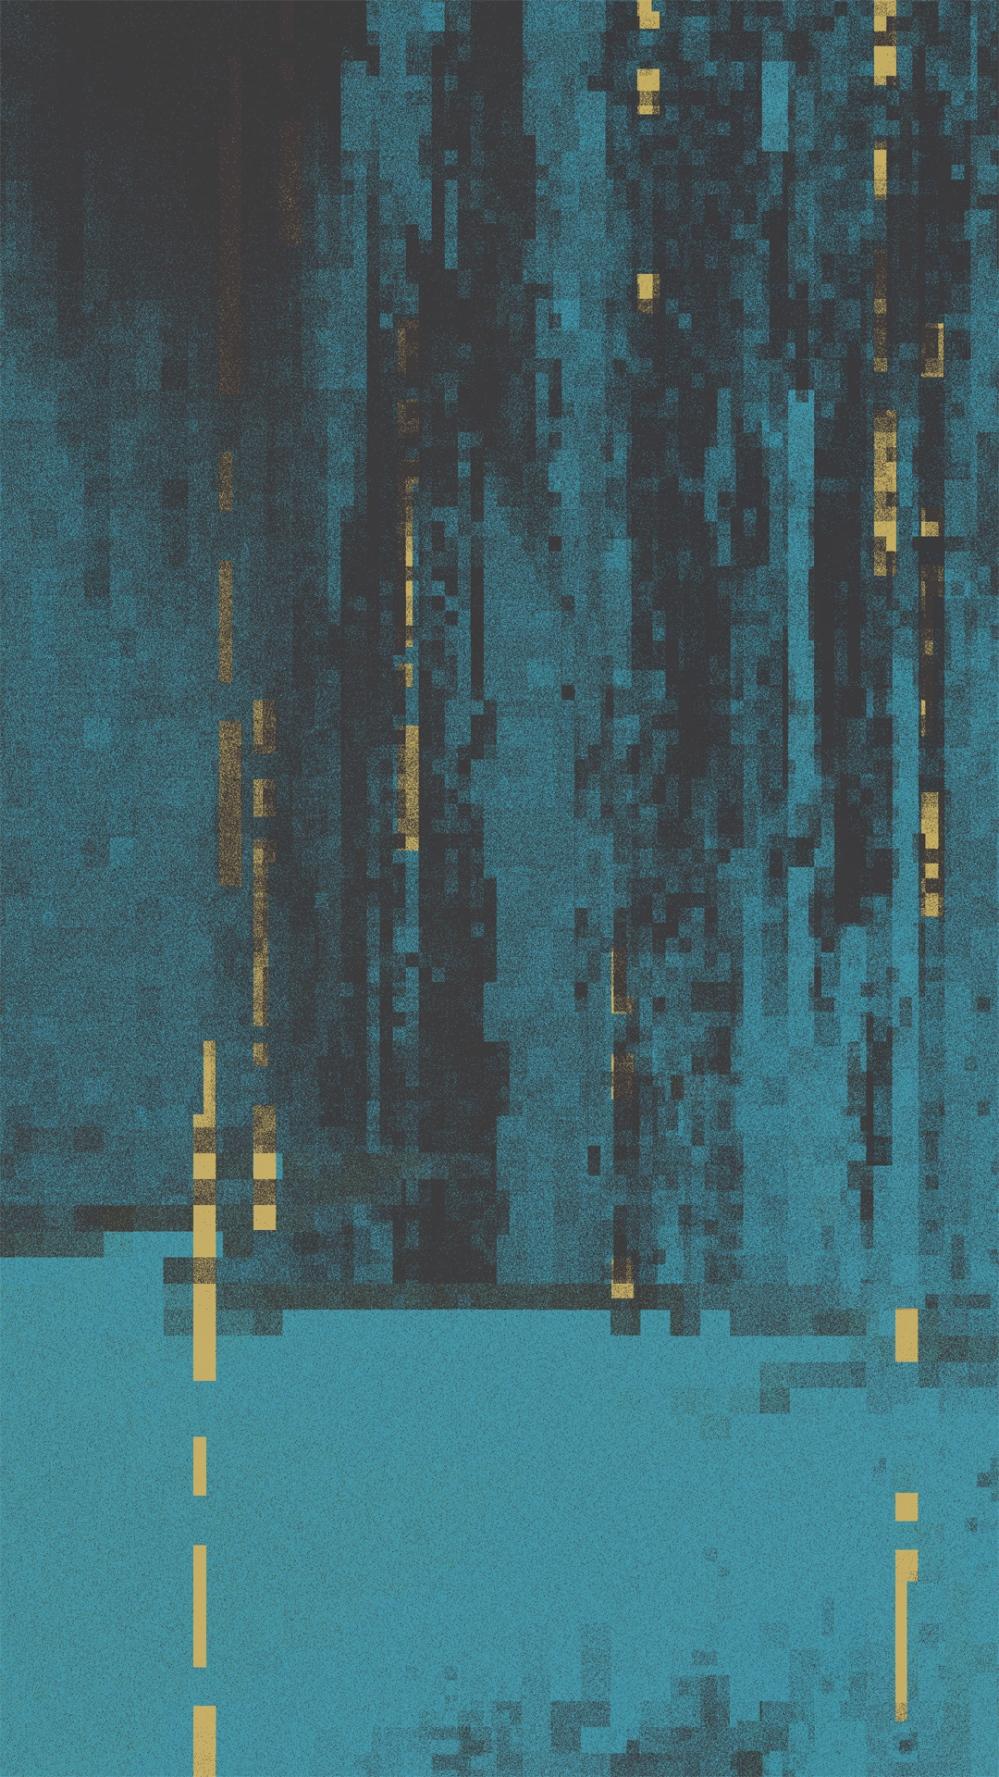 wallpapers_c_03